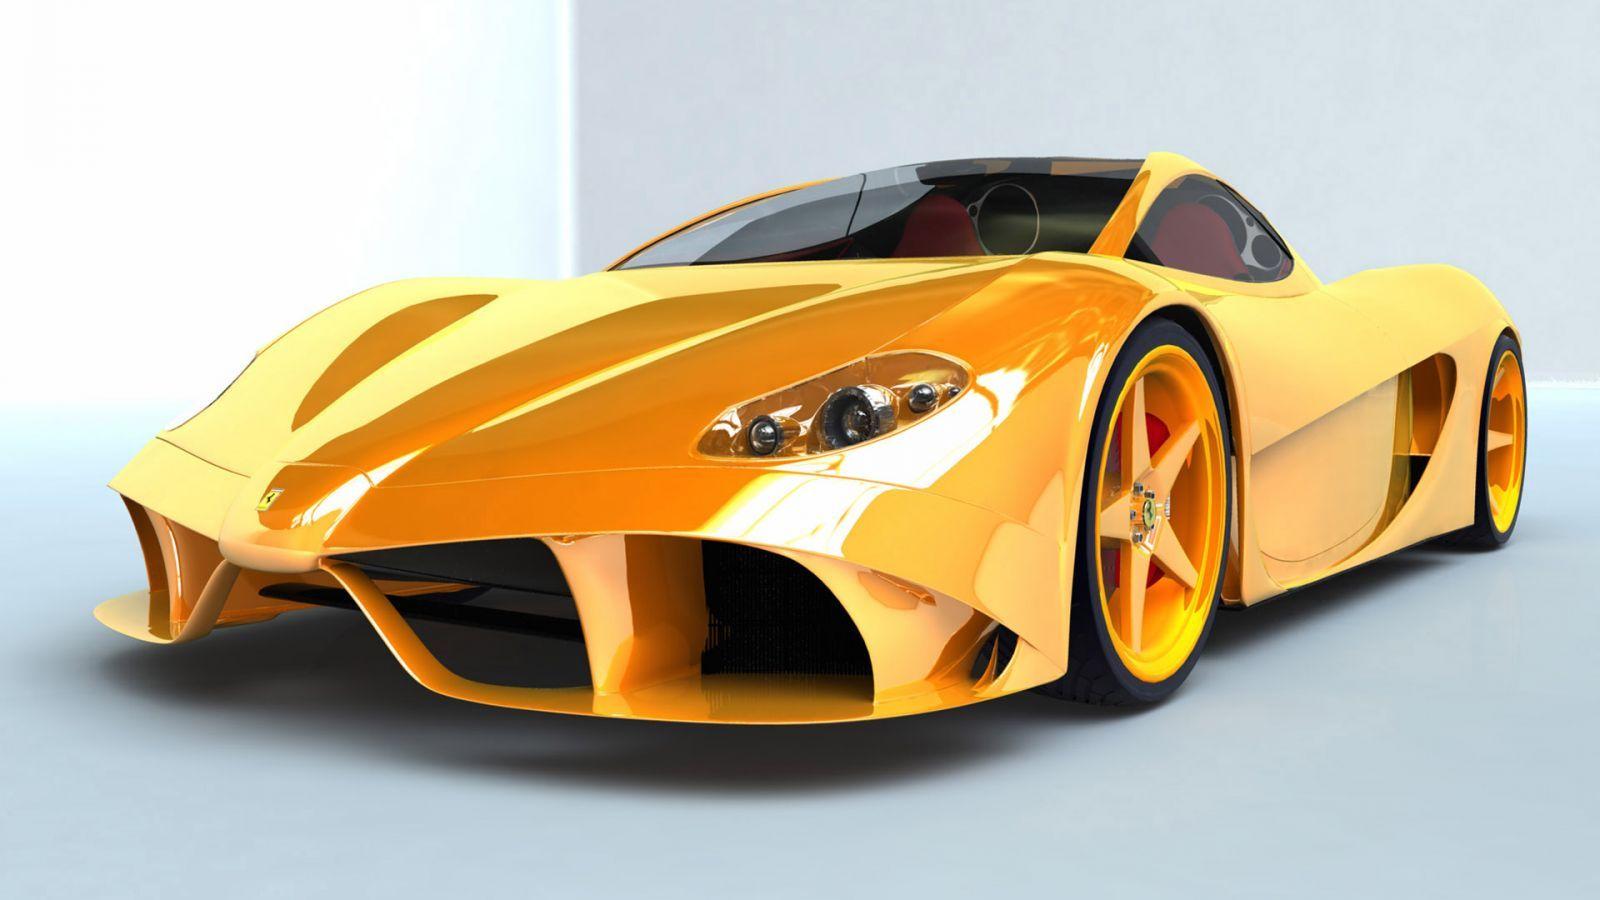 wallpaper-de-ferrari-autos-carros-coches-deportivos-tunning-fondos ...